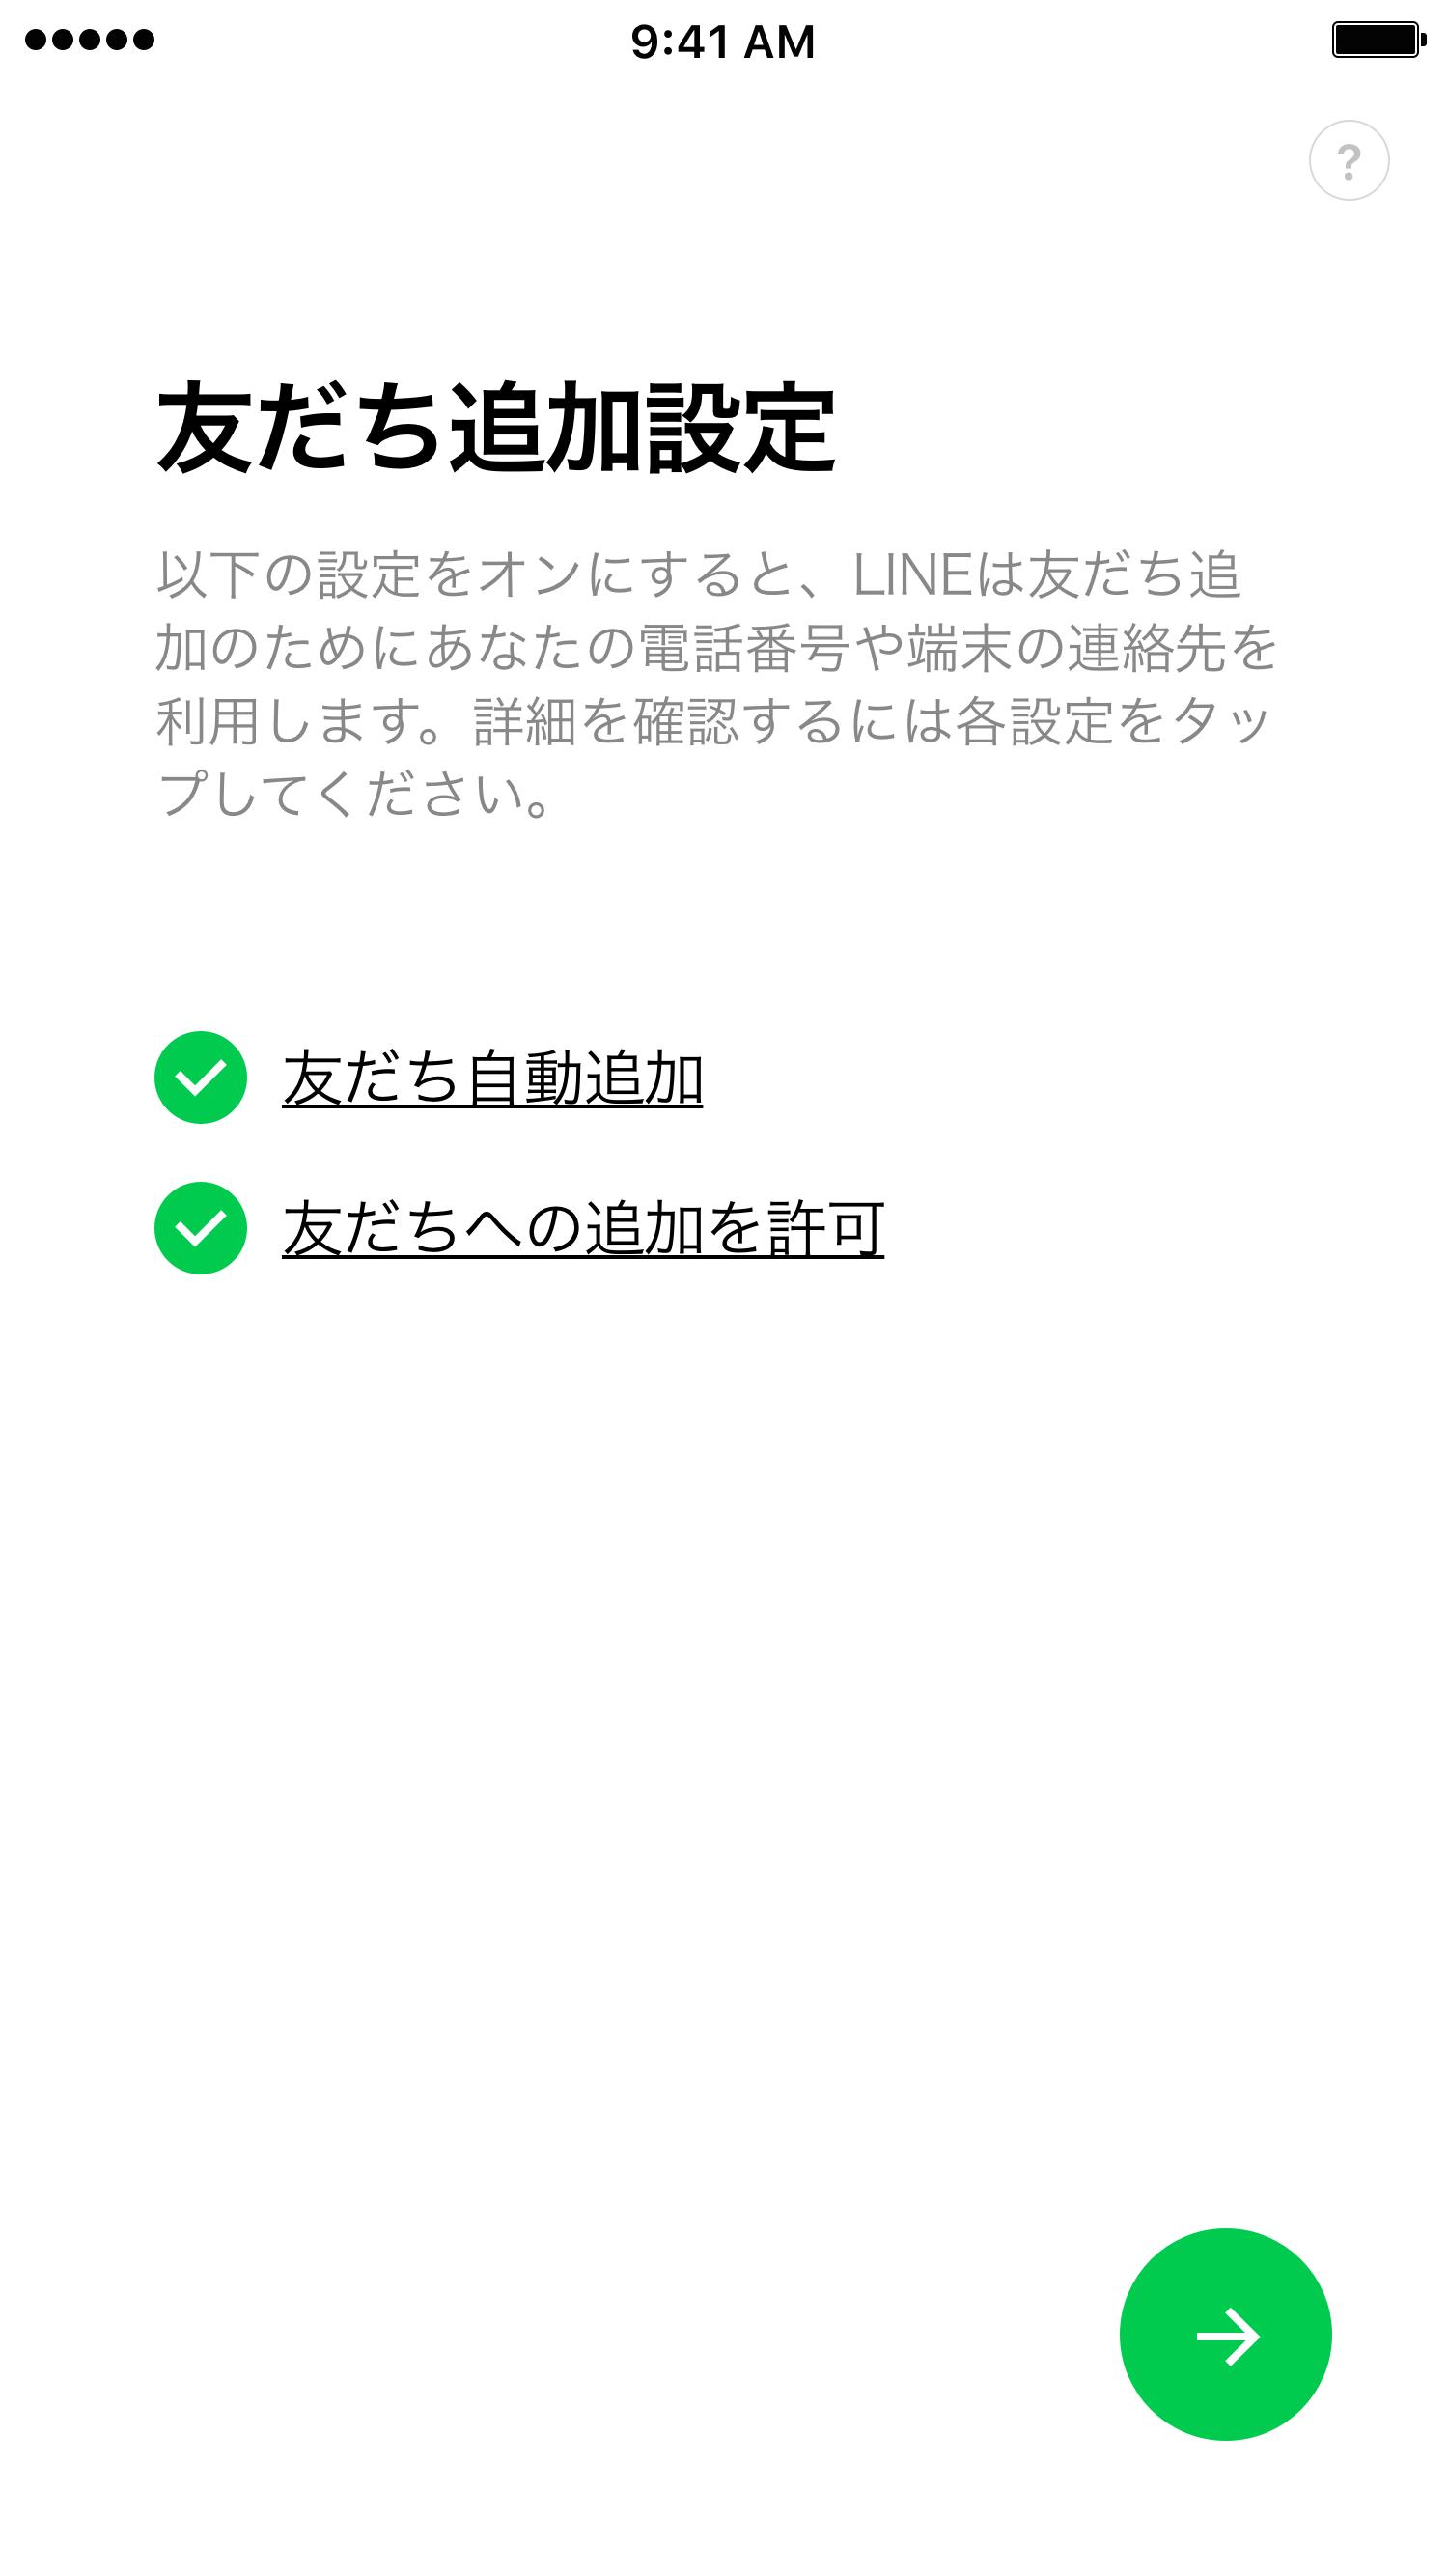 友だちの自動追加・追加許可の設定を決めて「→」をタップ